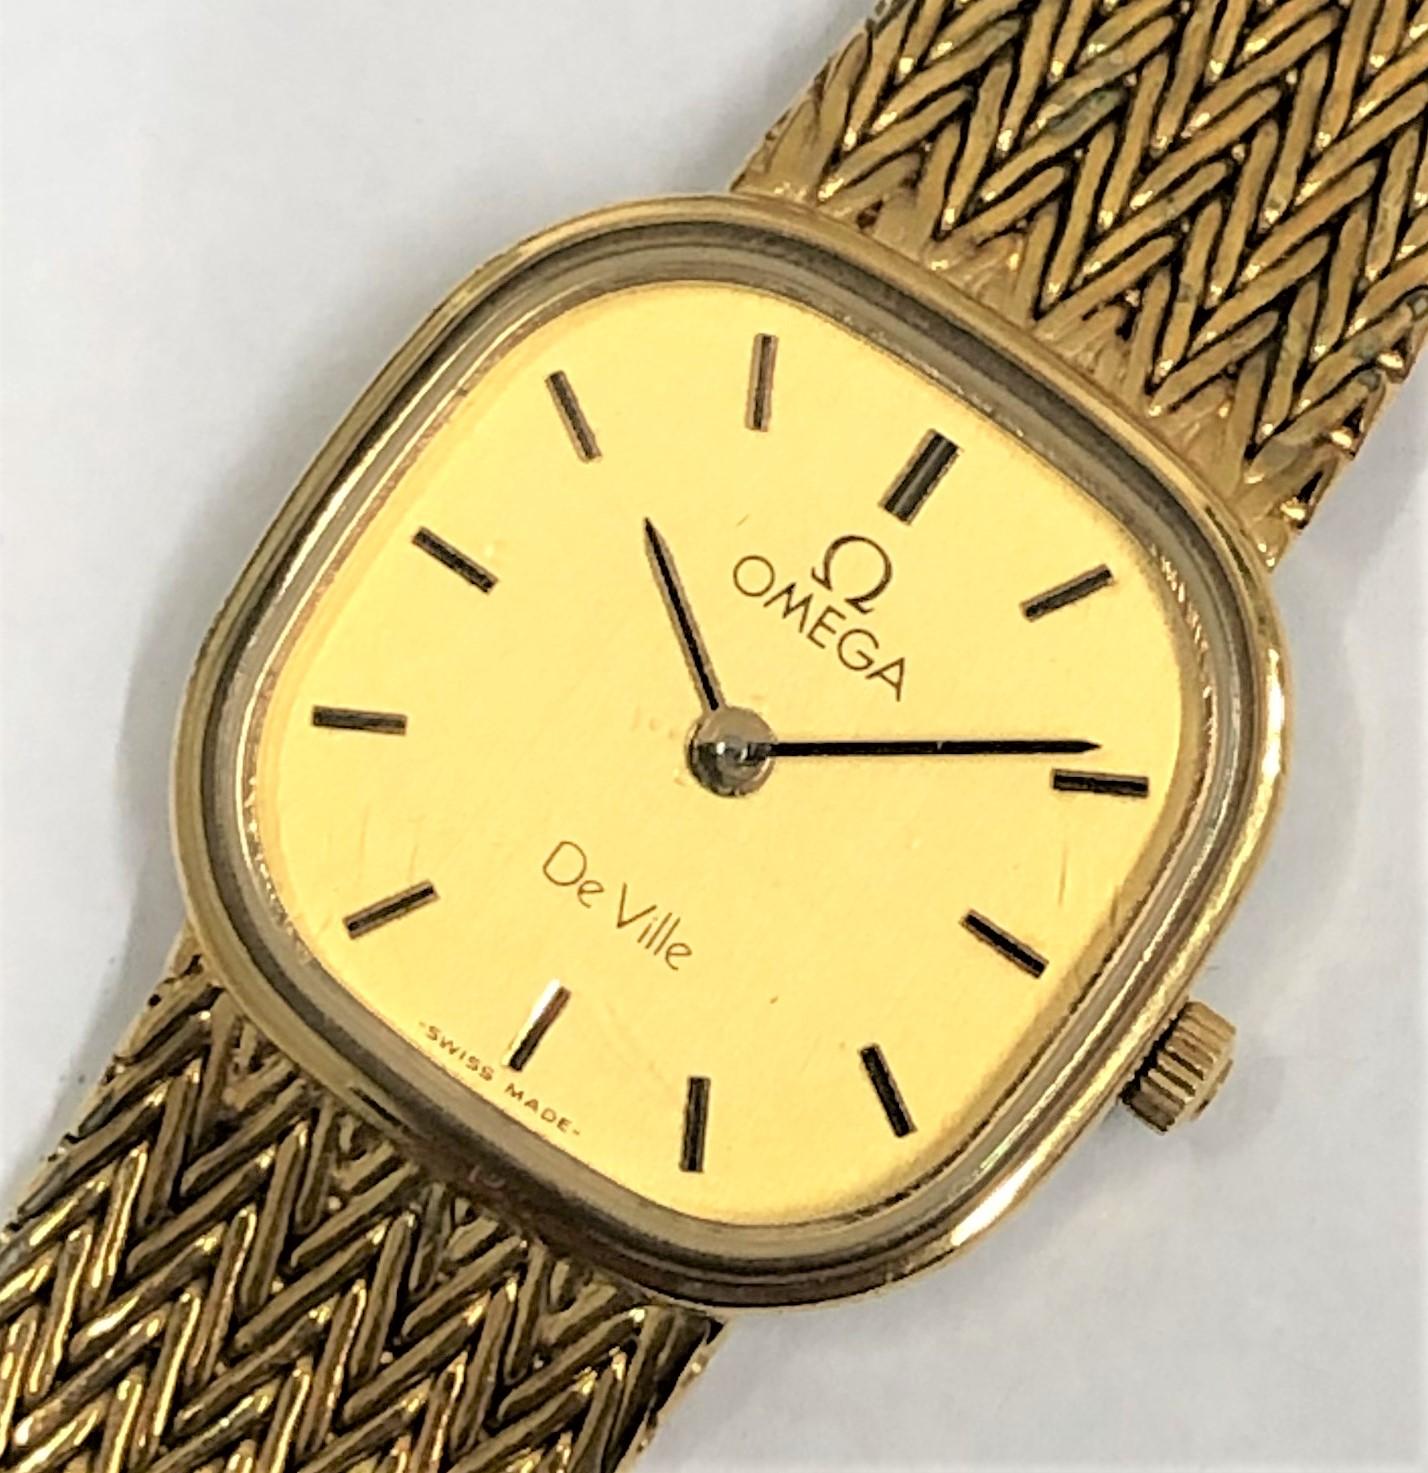 【OMEGA/オメガ】デビル レディース QZ 腕時計